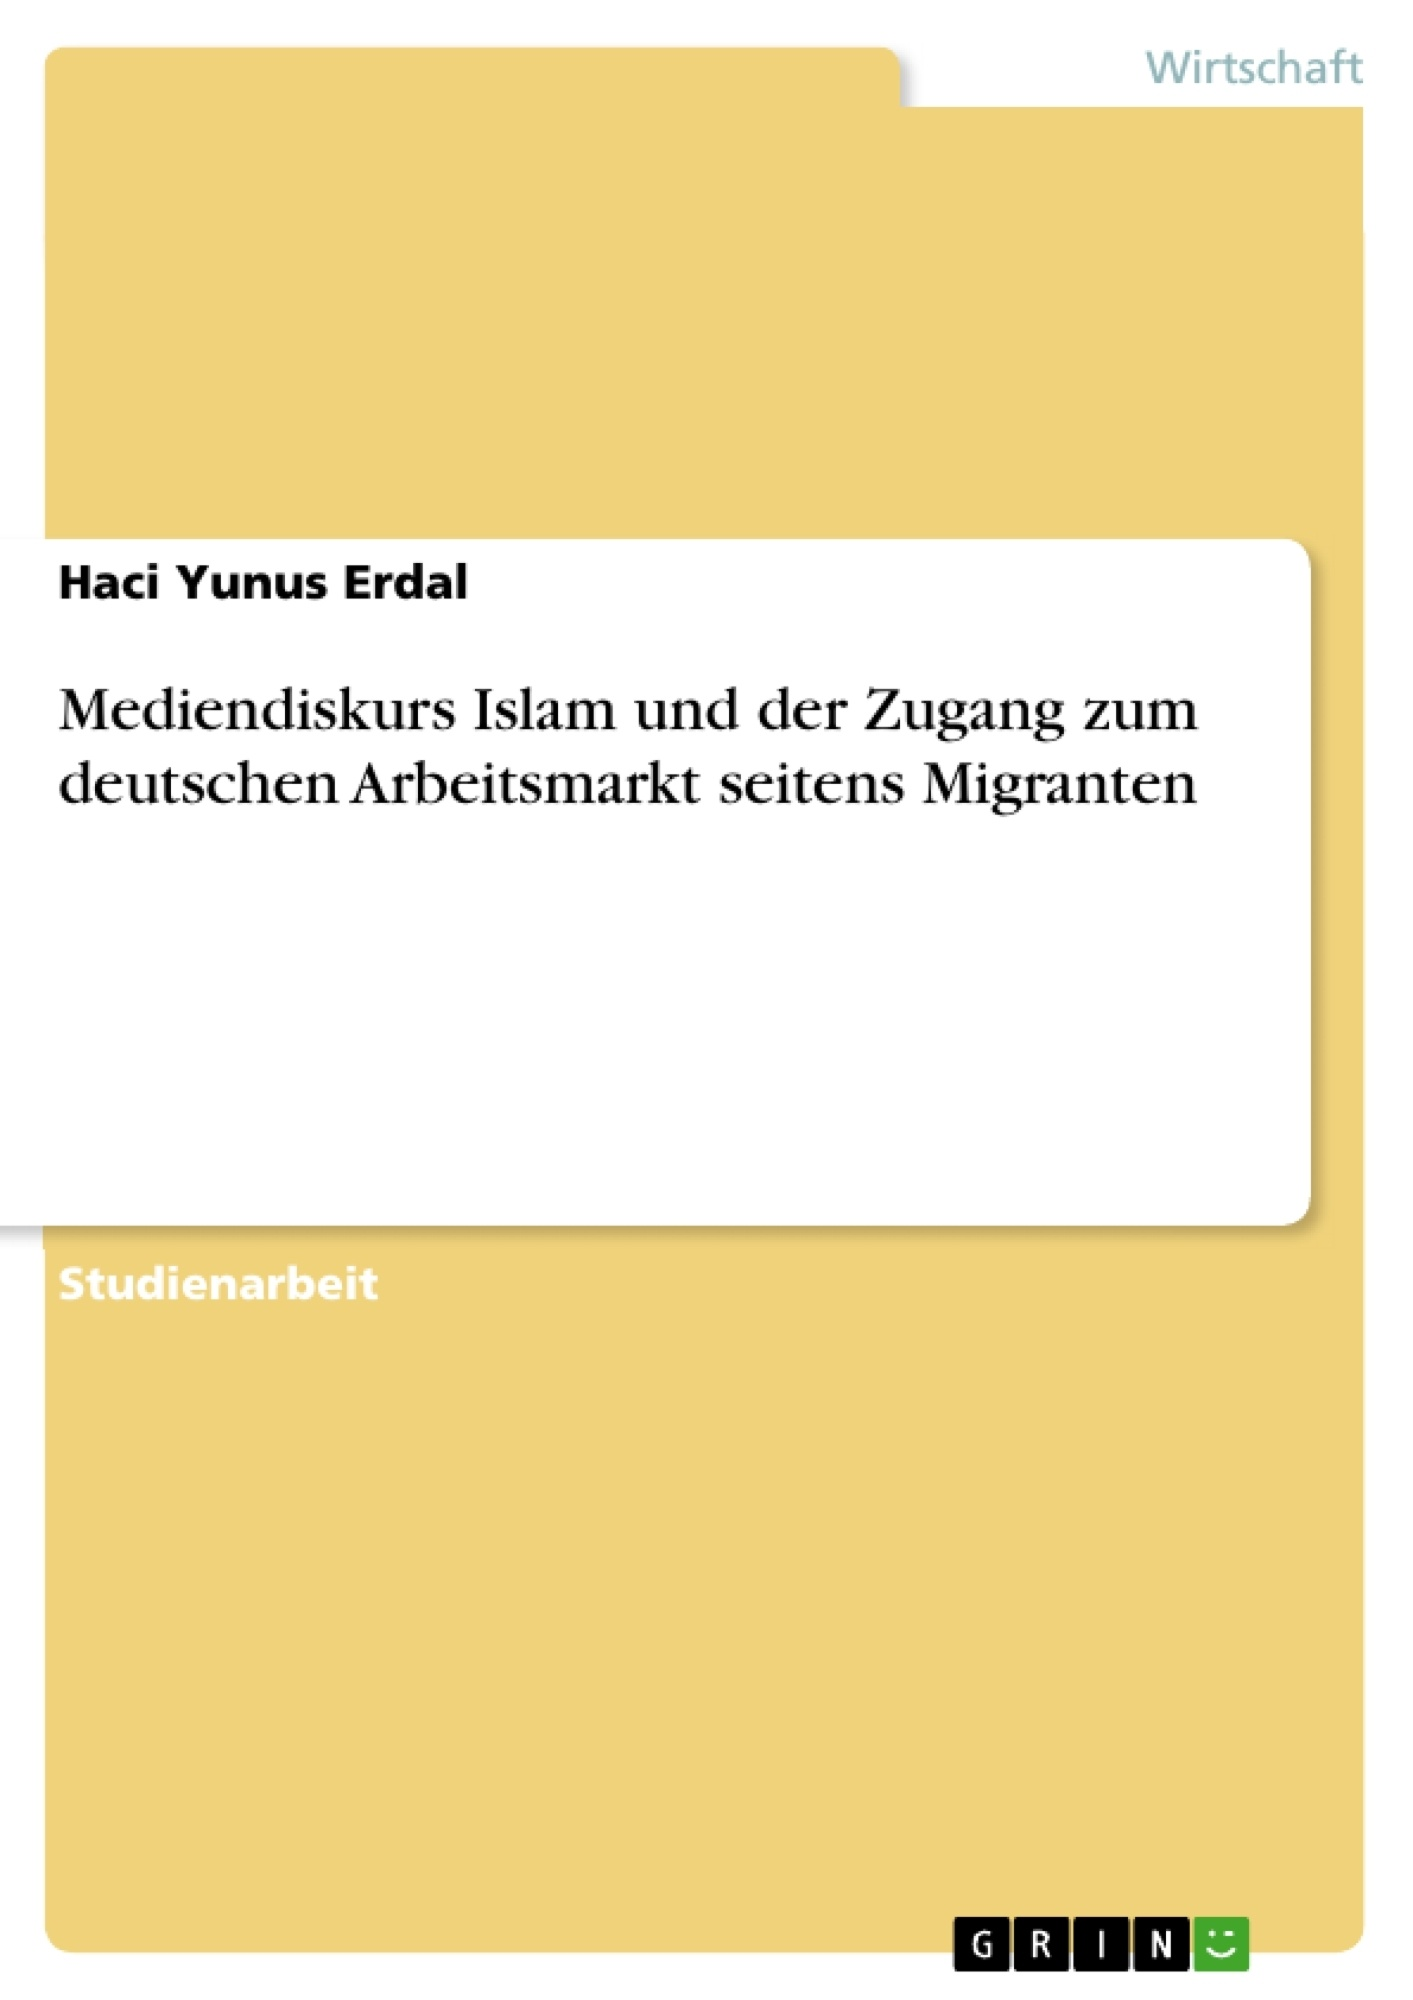 Titel: Mediendiskurs Islam und der Zugang zum deutschen Arbeitsmarkt seitens Migranten